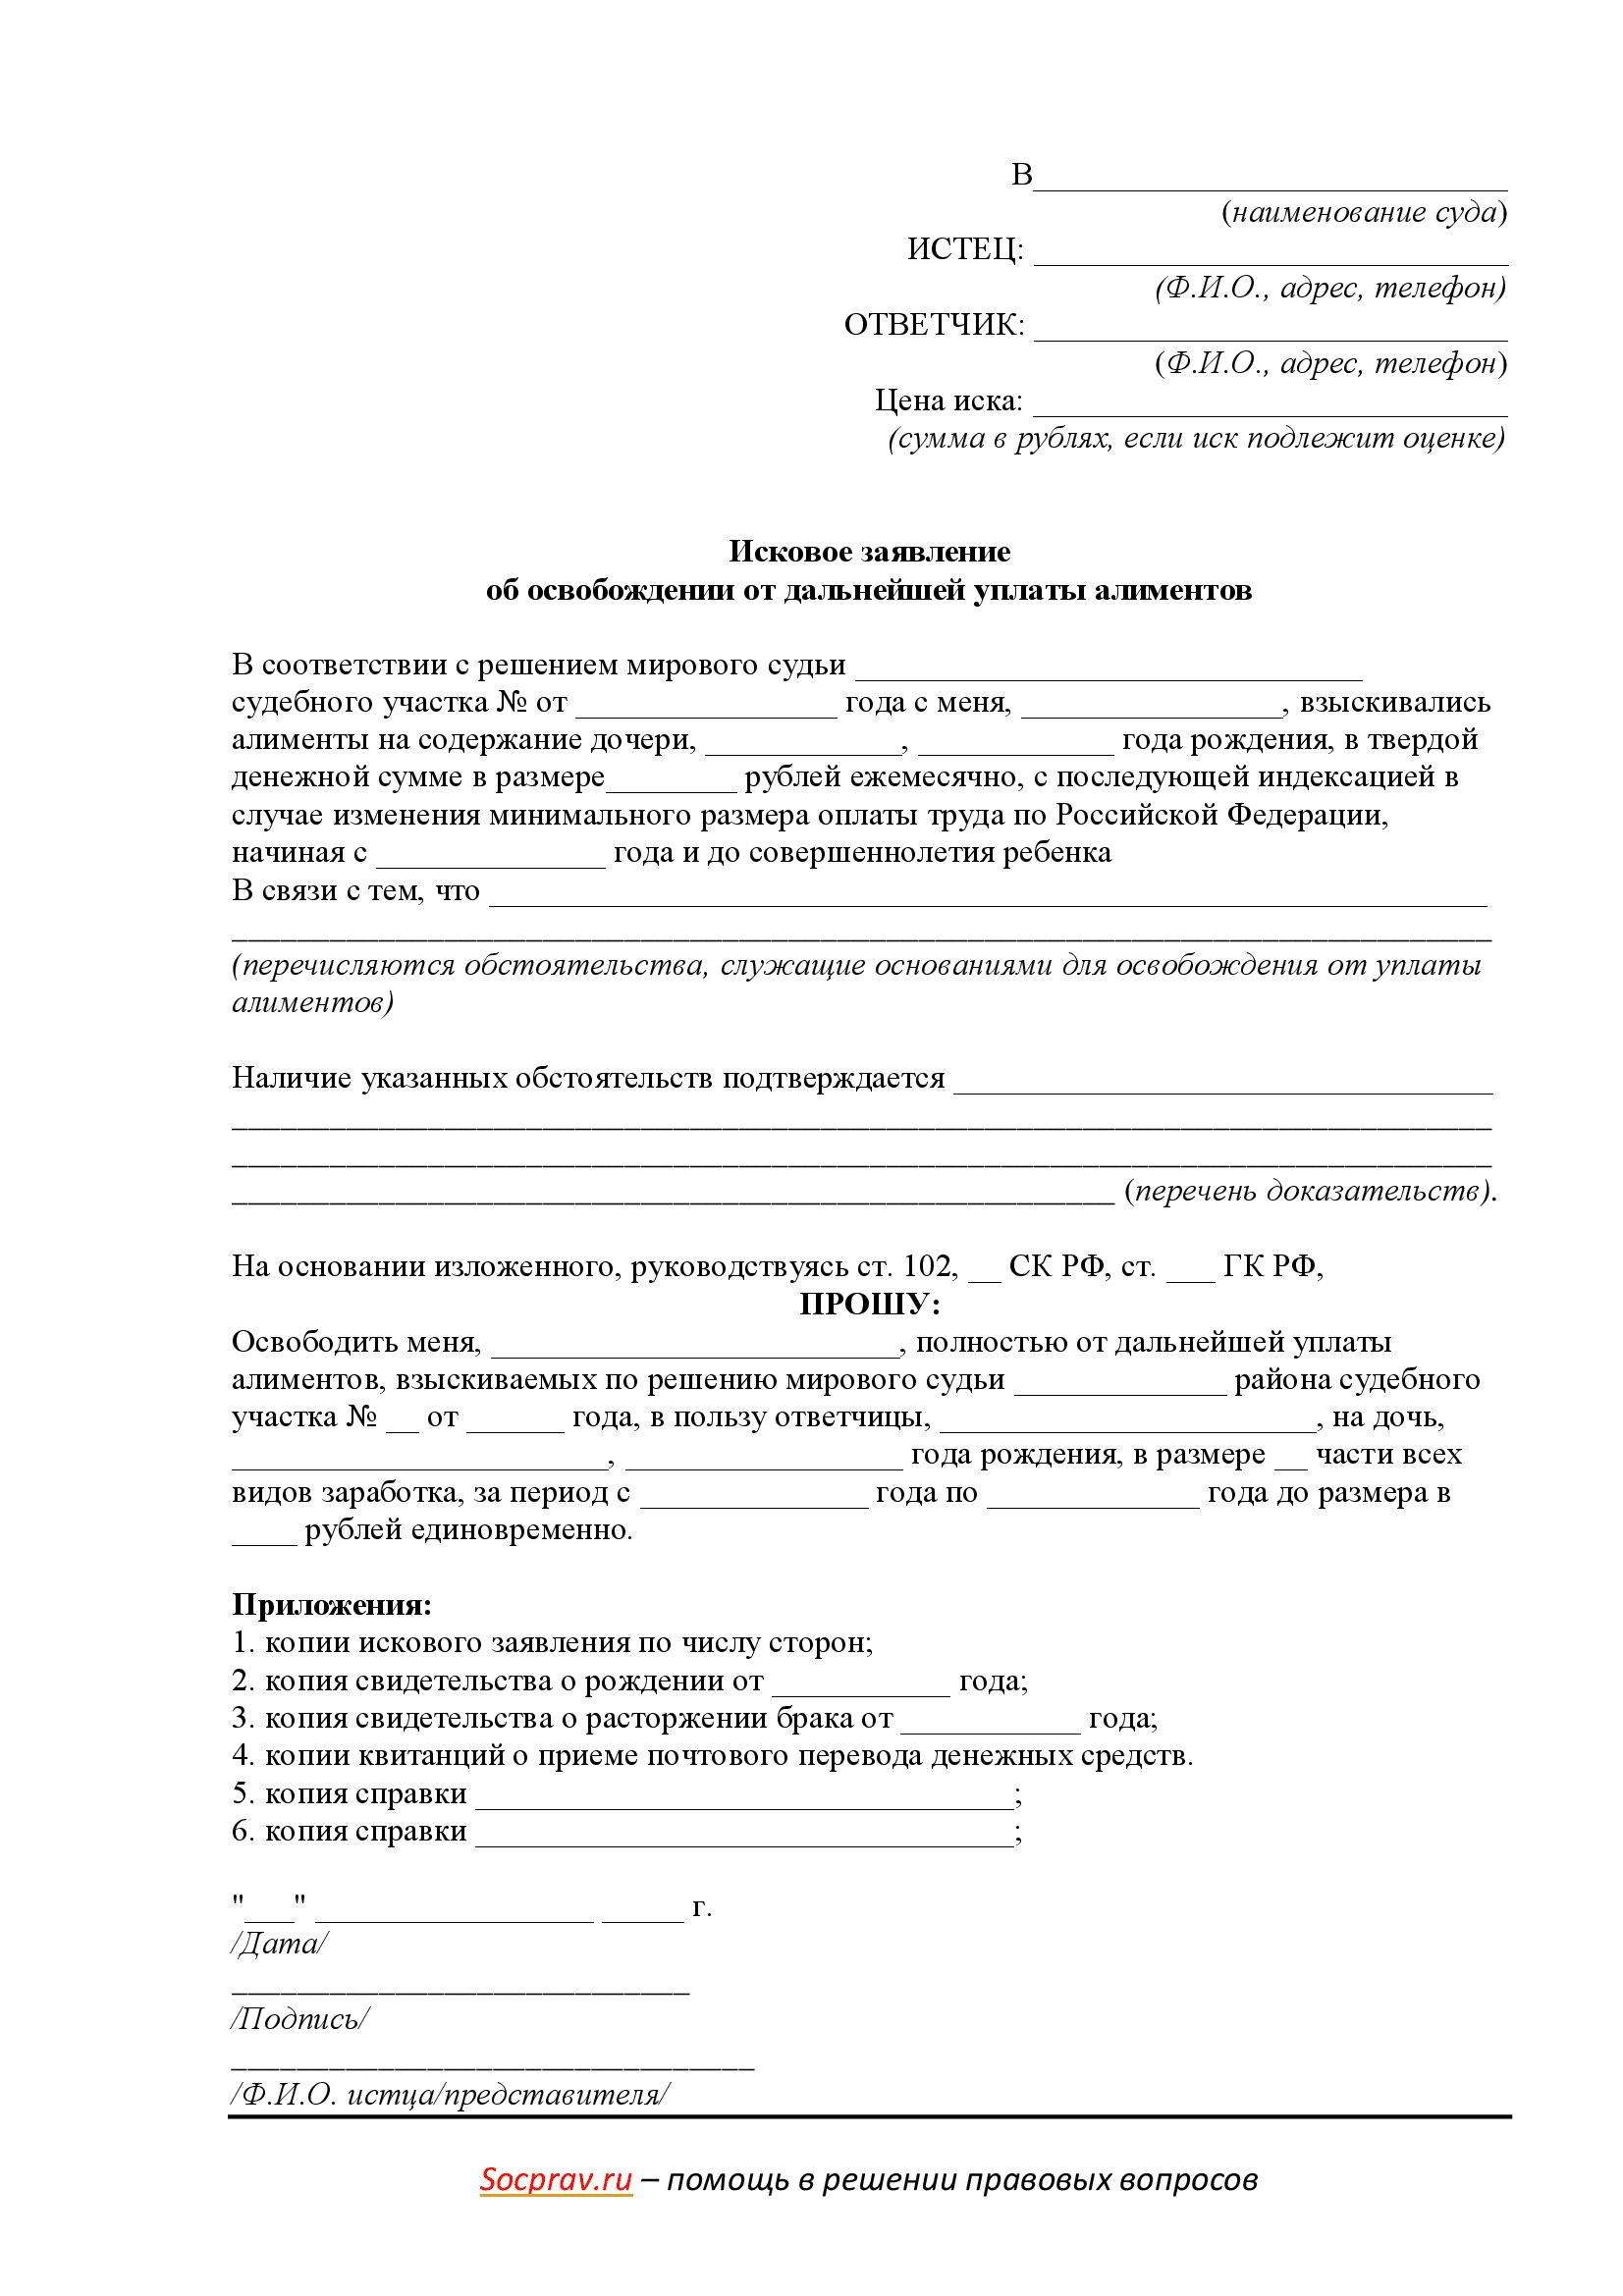 Исковое заявление об освобождении от дальнейшей уплаты алиментов